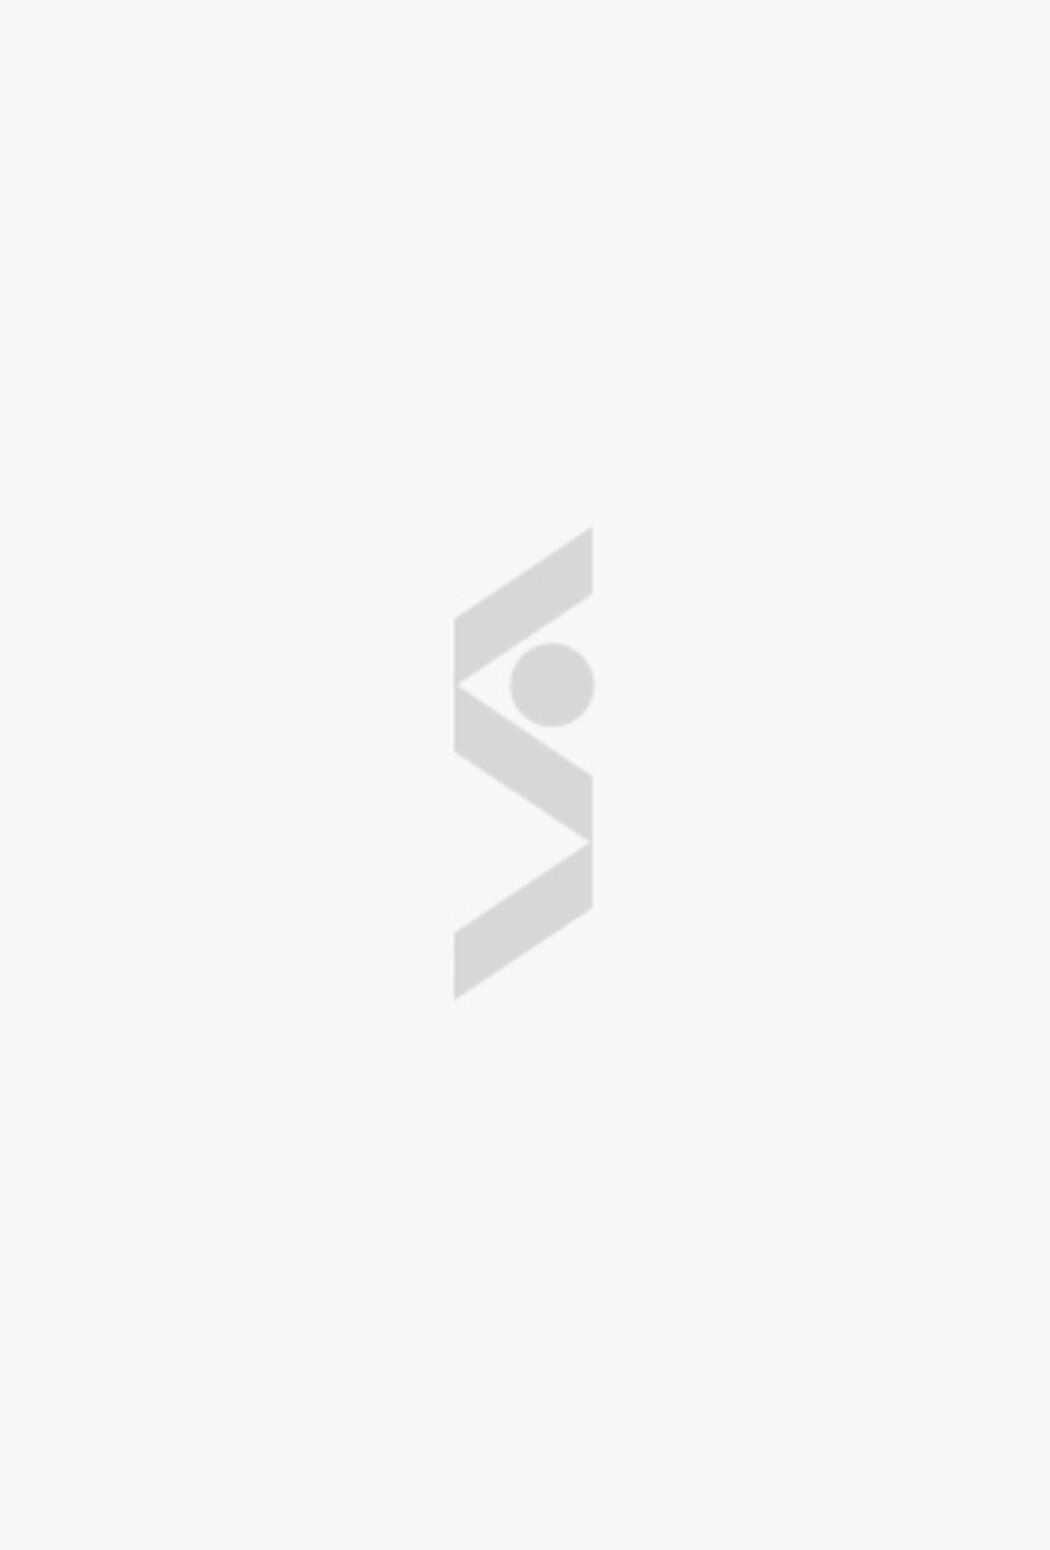 Полотенце из хлопка adda Villa Stockmann - цена  ₽ купить в интернет-магазине СТОКМАНН в Москве